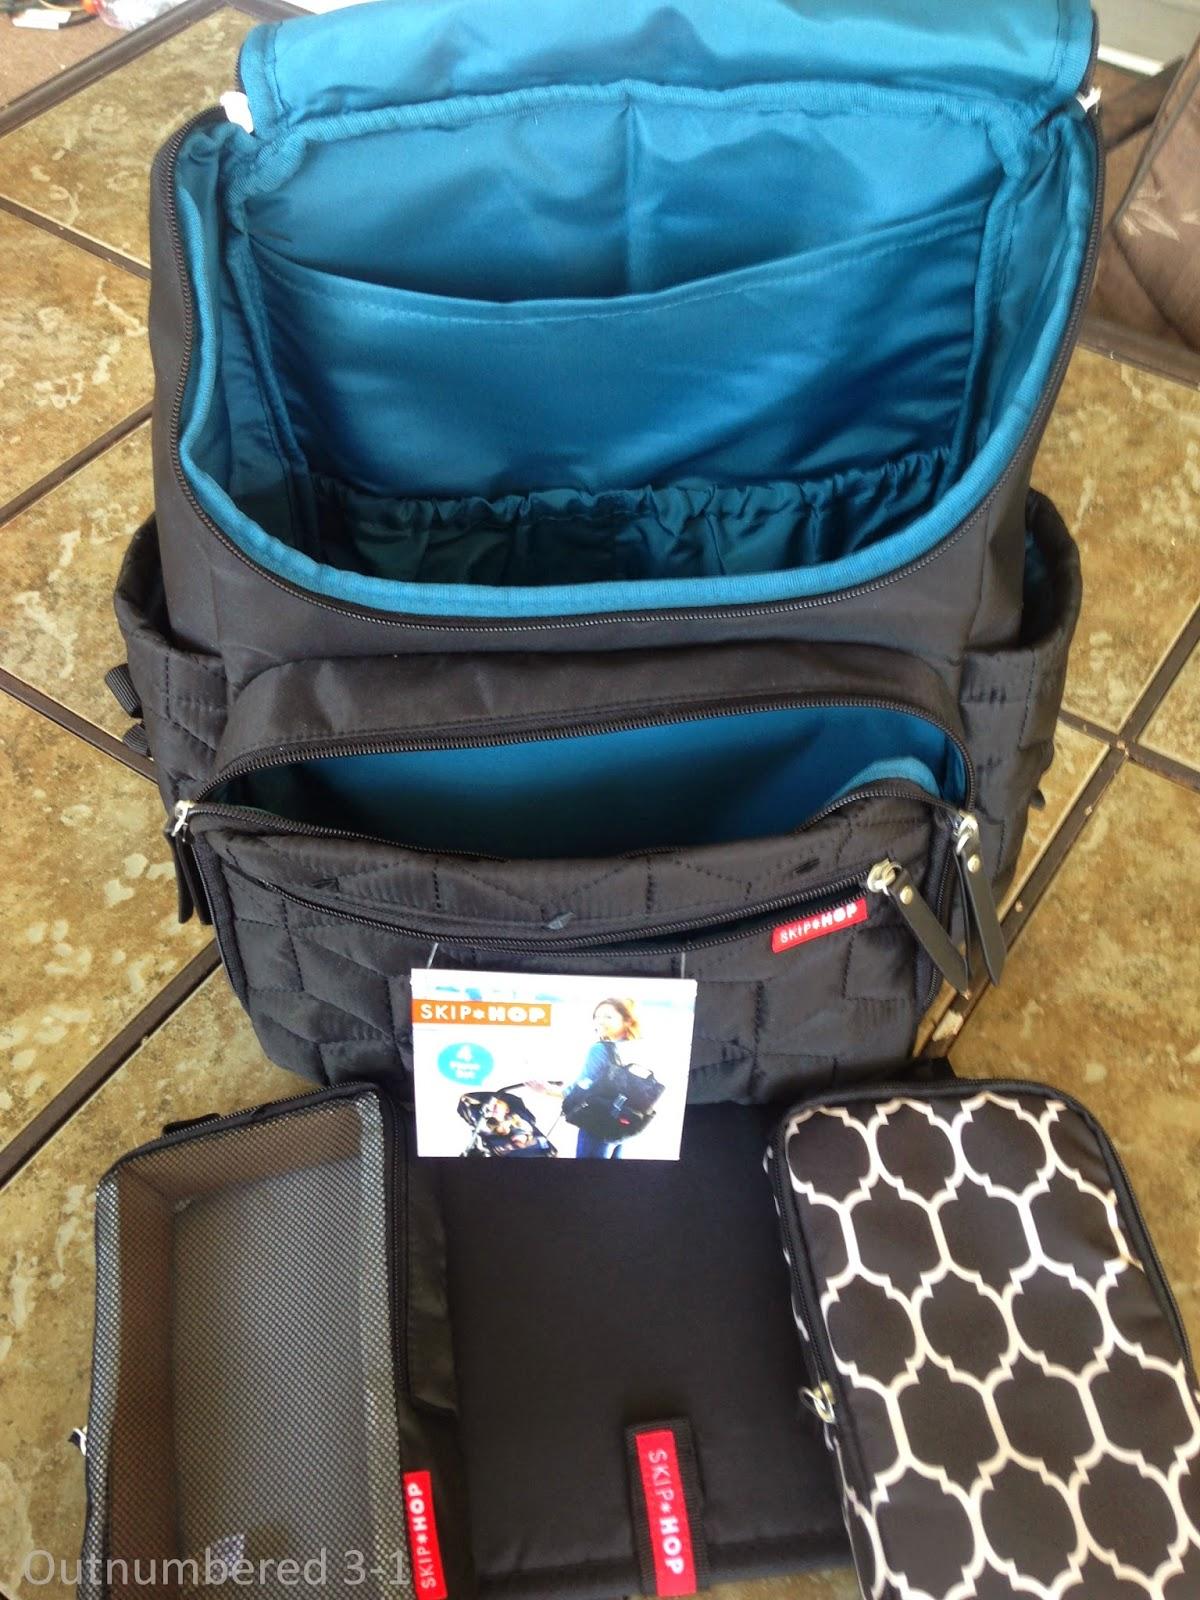 skip hop 39 s new forma backpack outnumbered 3 to 1. Black Bedroom Furniture Sets. Home Design Ideas